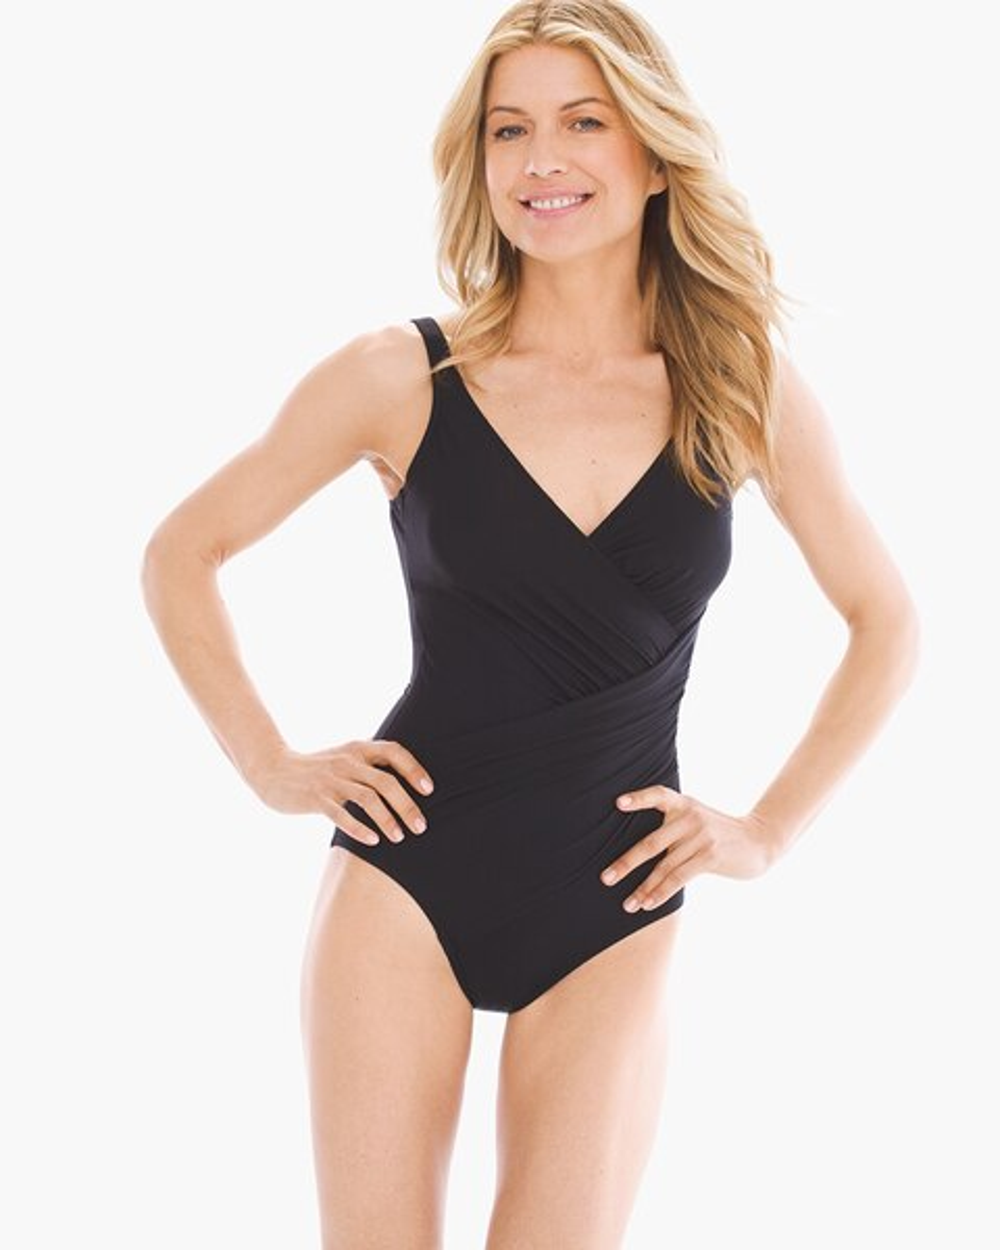 bceb5032c9da4 Miraclesuit Must Haves Oceanus One-Piece Swimsuit - Chico s